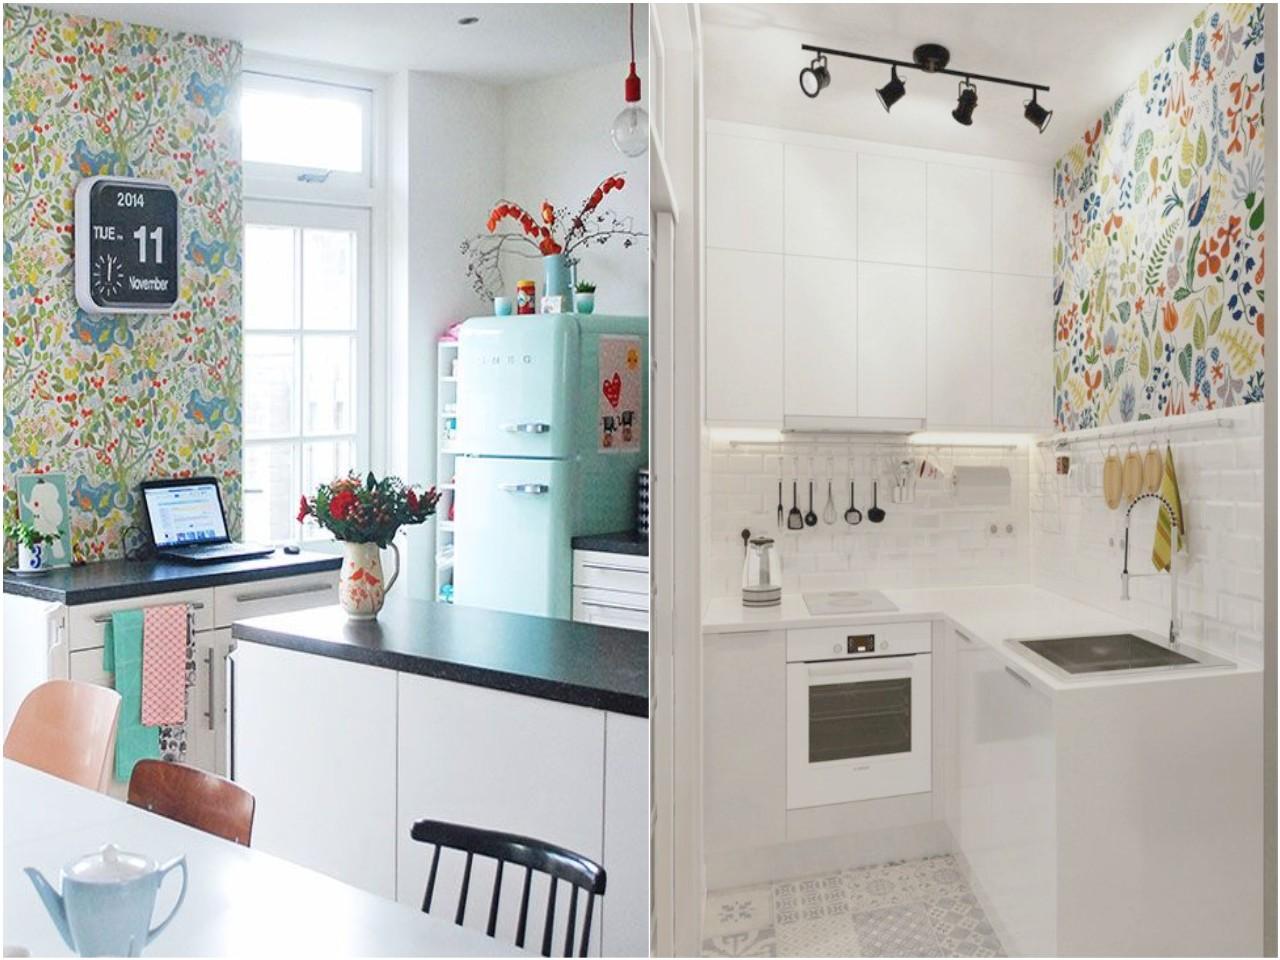 decoraci n de cocinas con papel pintado